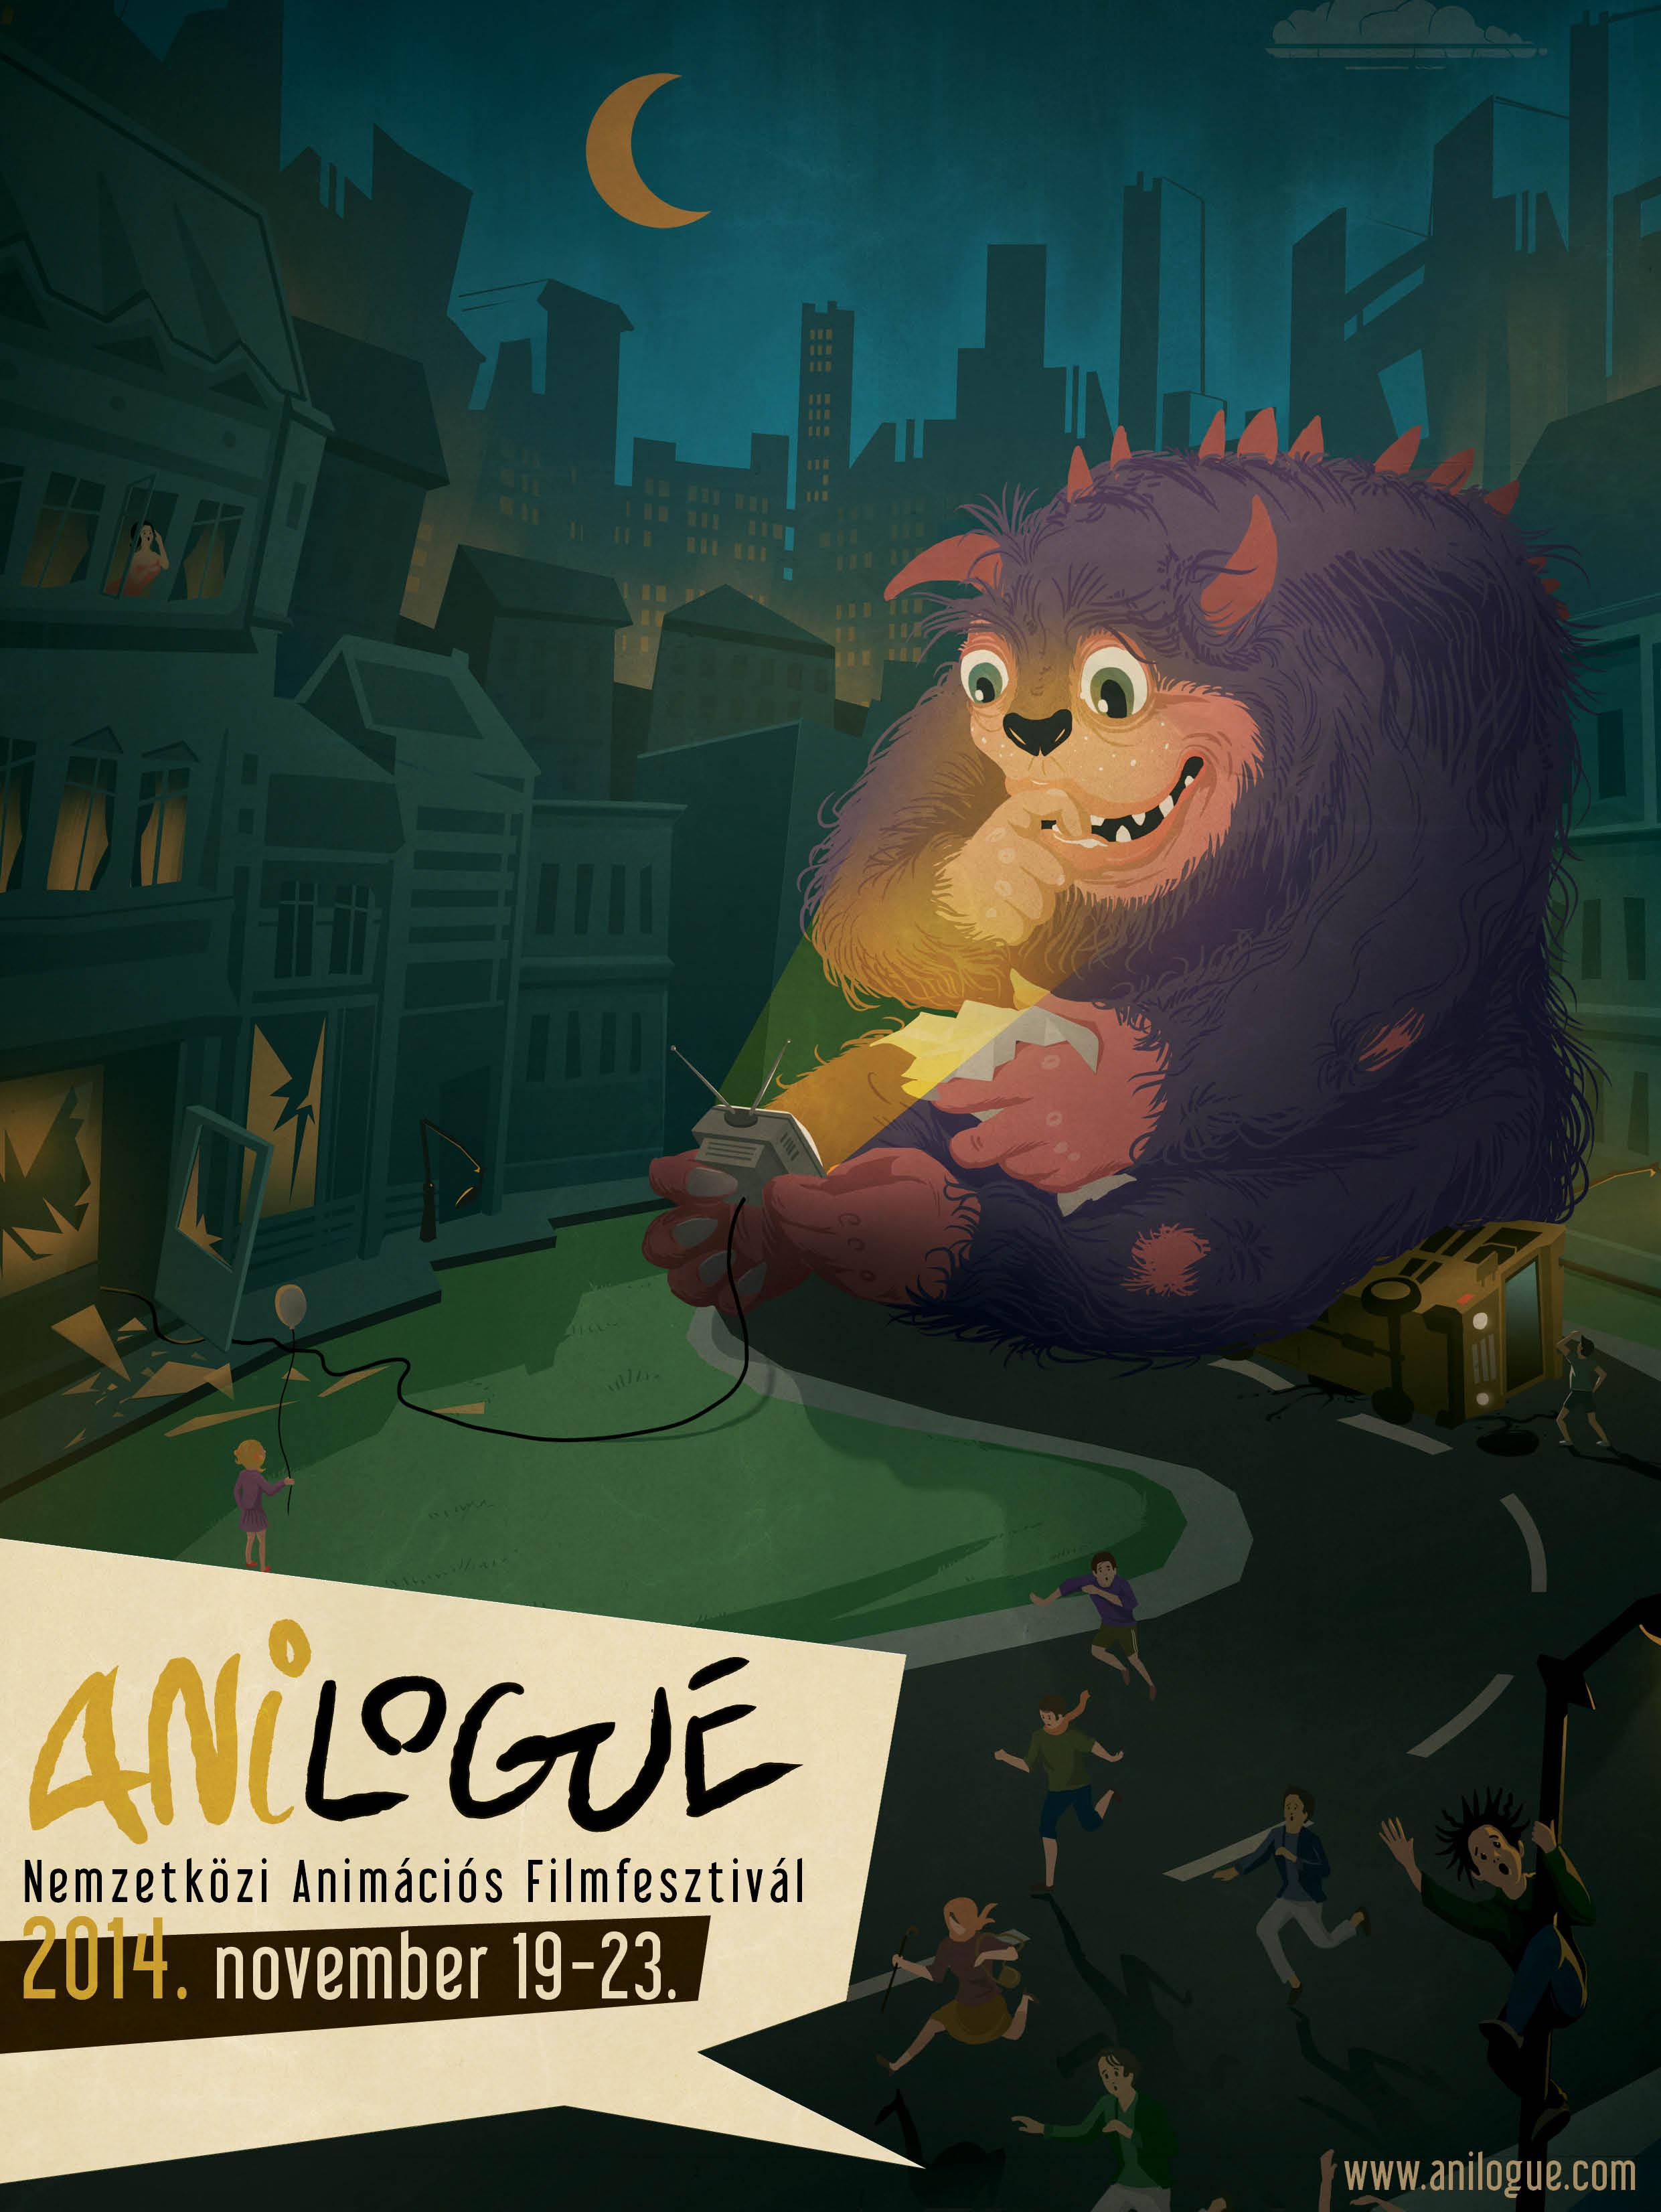 Anilogue Nemzetközi Animációs Filmfesztivál